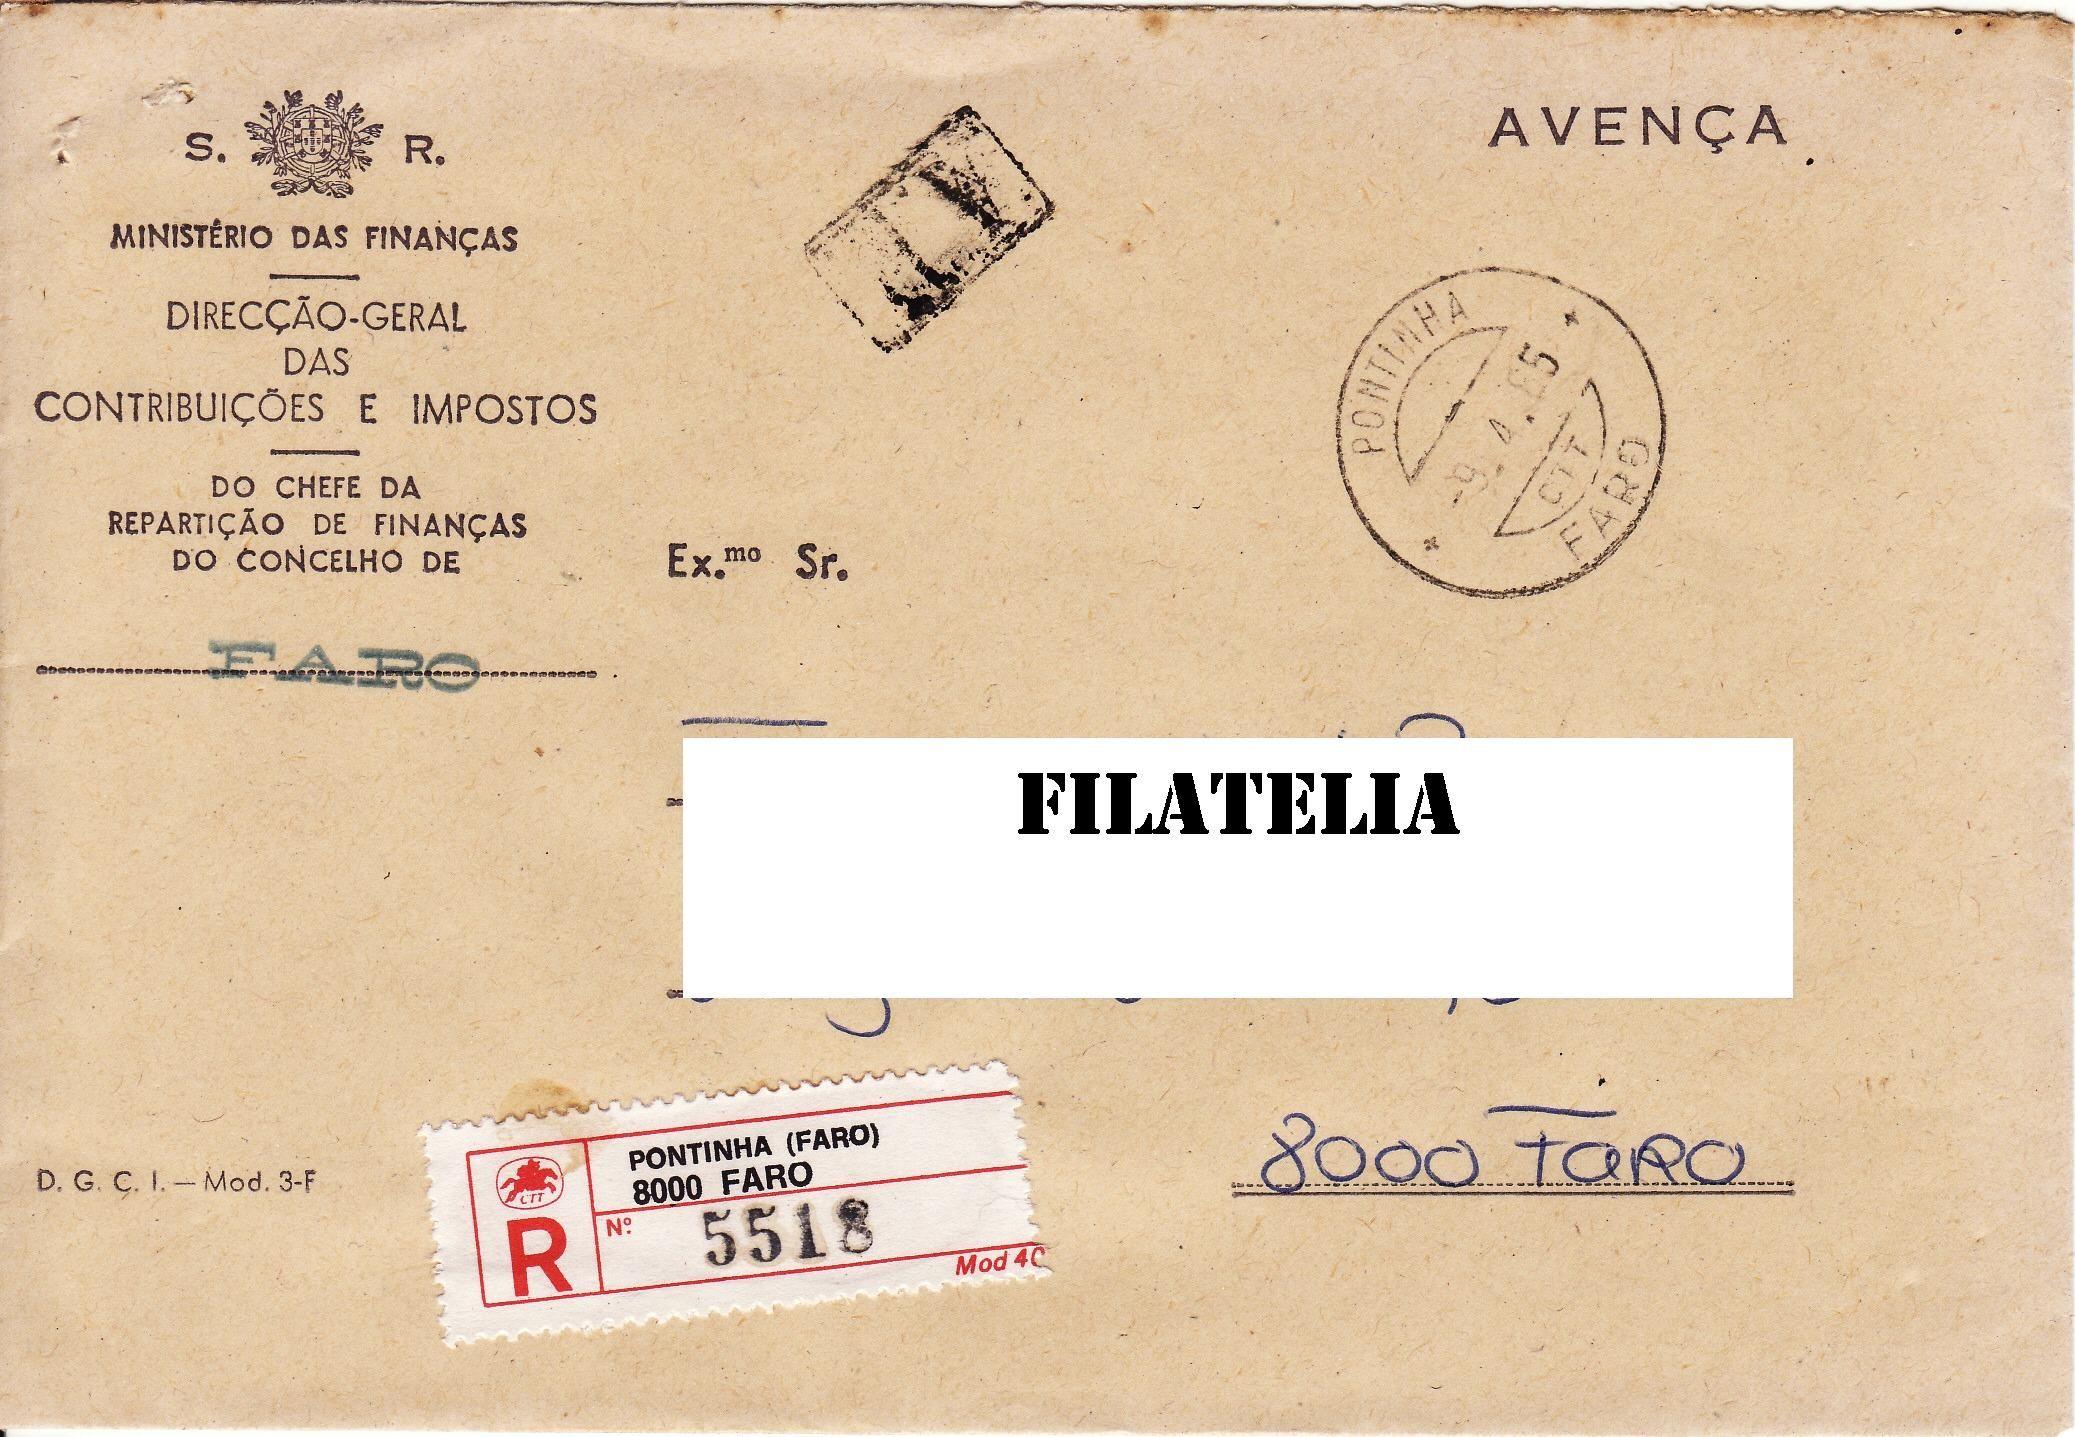 Distrito: Faro Concelho: Faro Localidade: Faro Data: 9/4/85